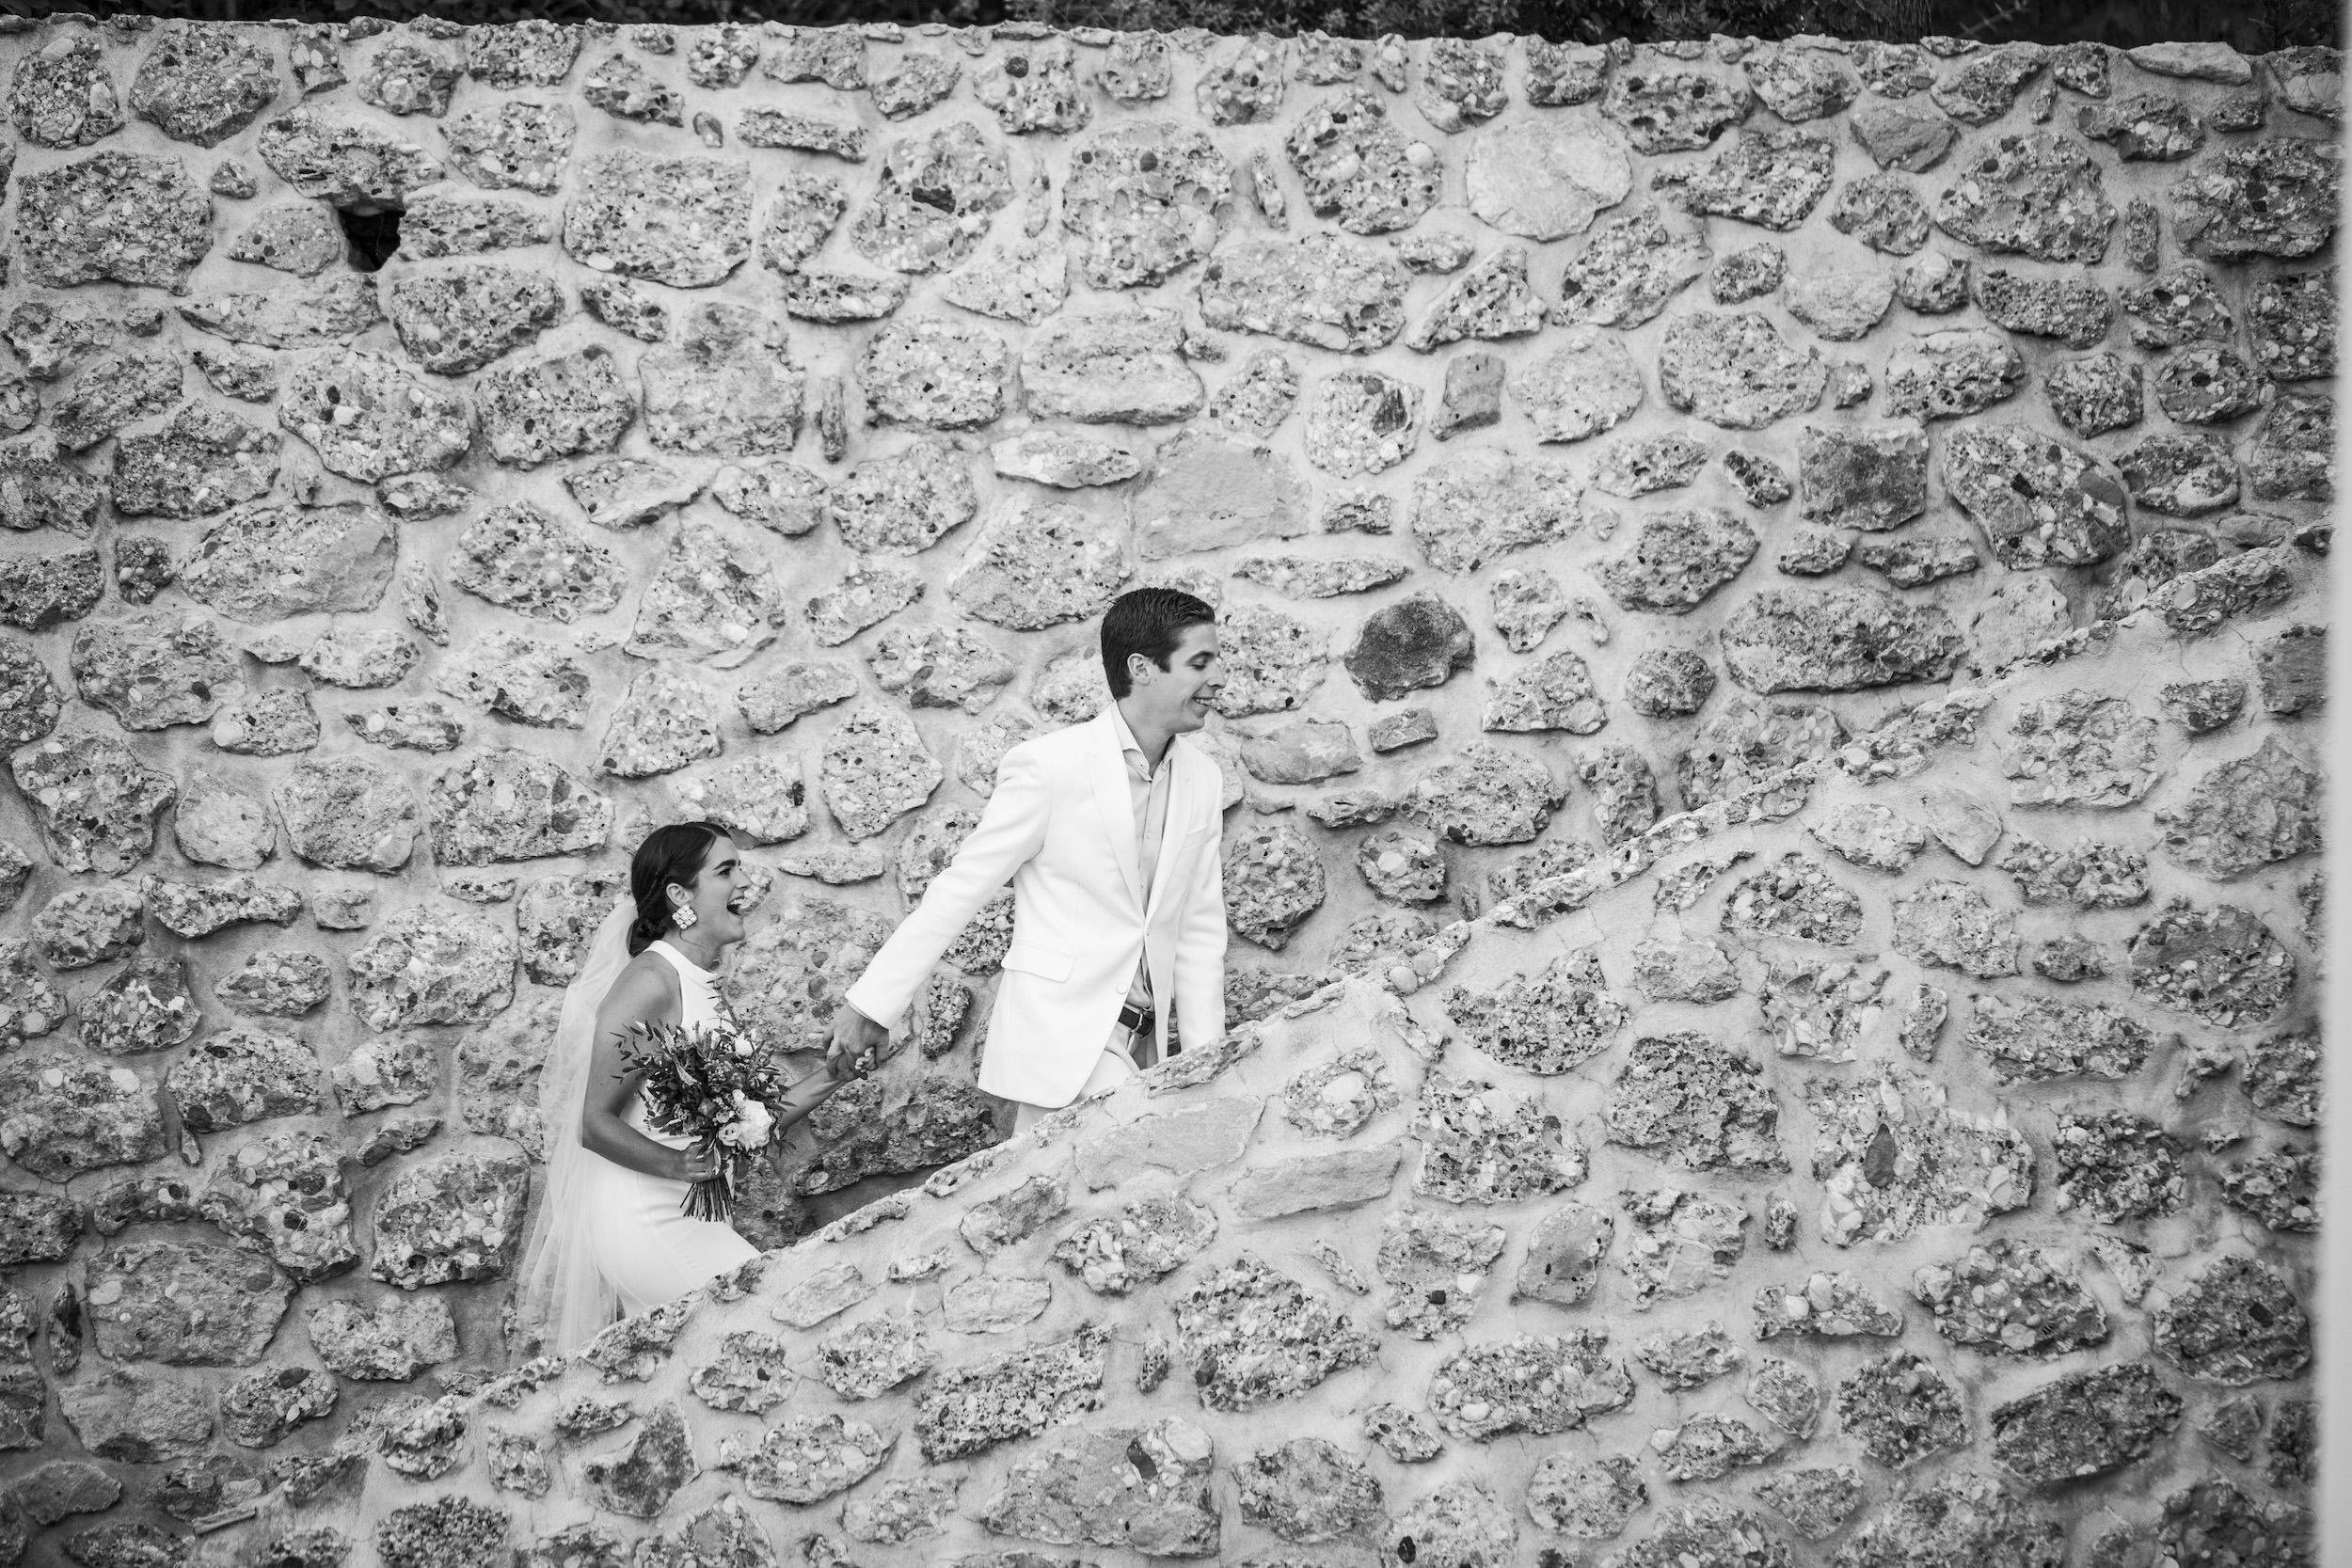 M&AJ Spetses wedding - Image 9